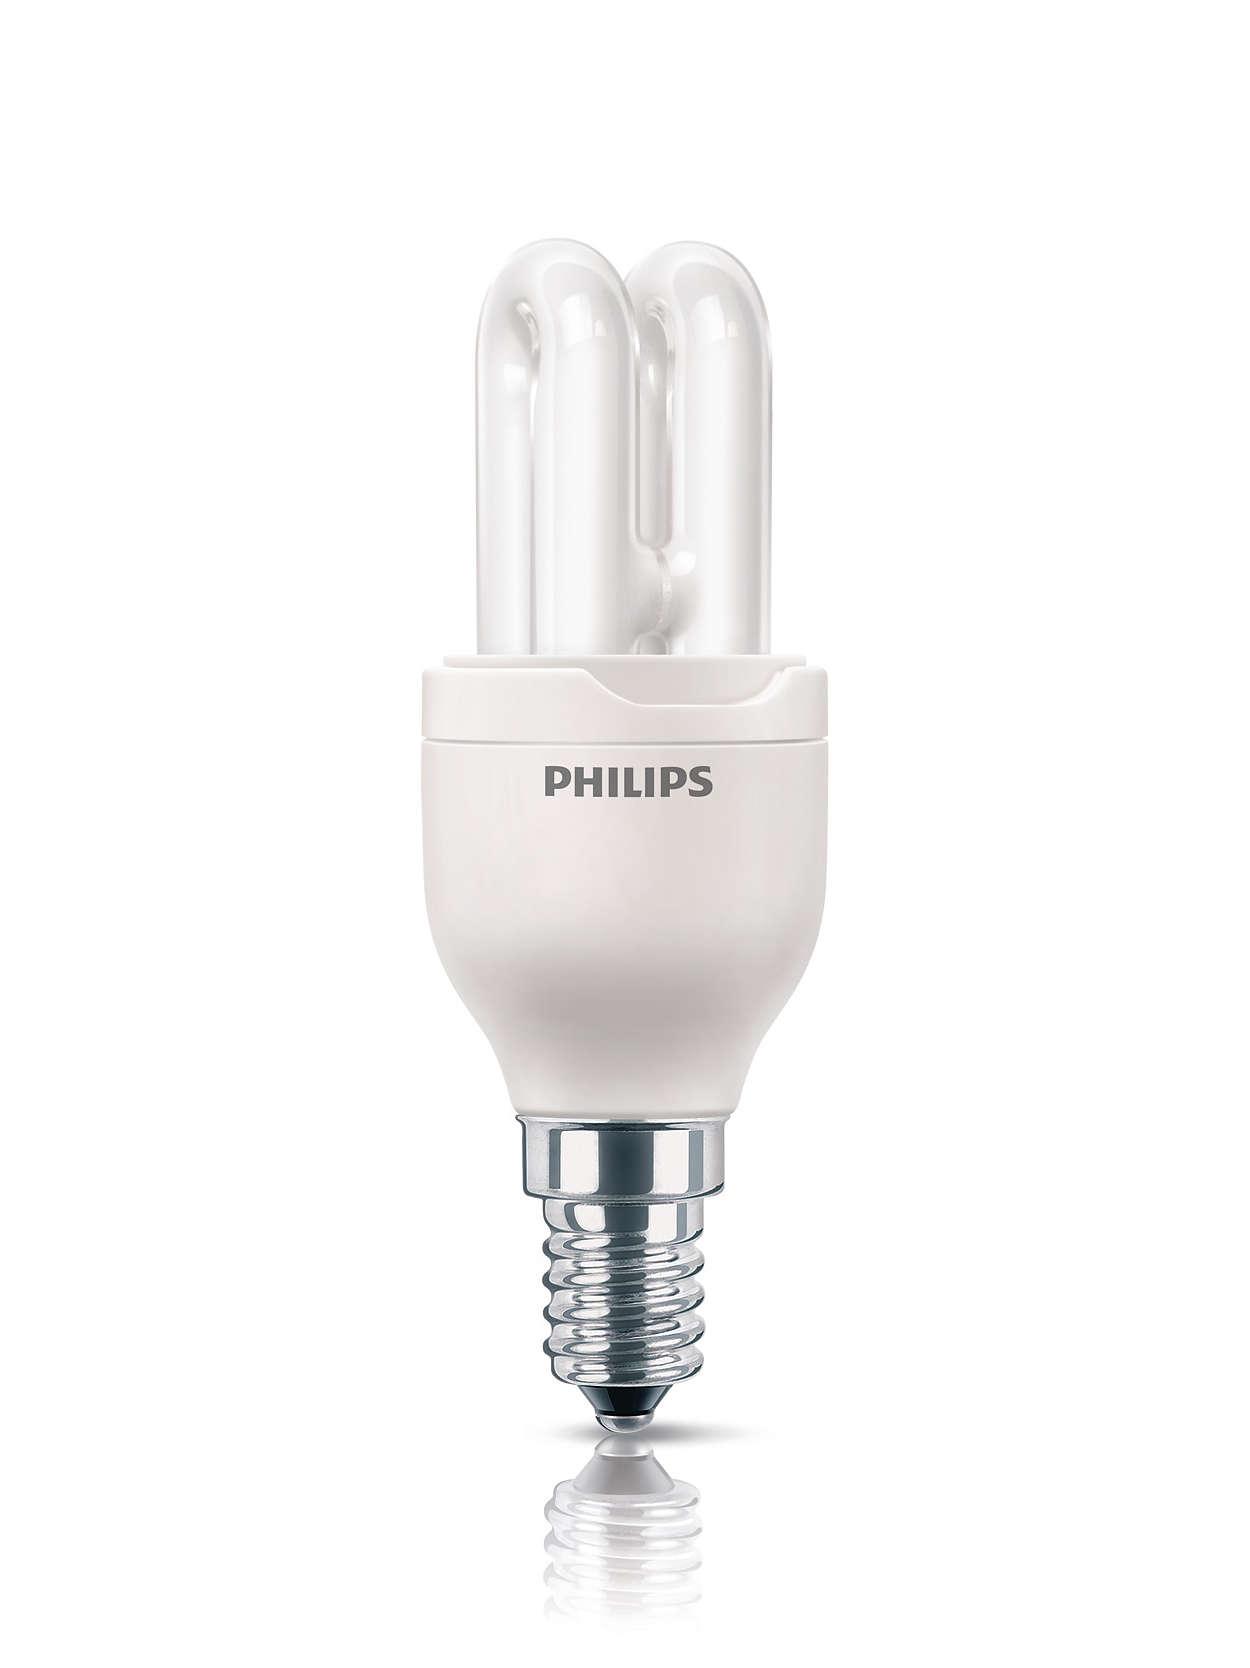 Ampoule compacte, puissante et belle